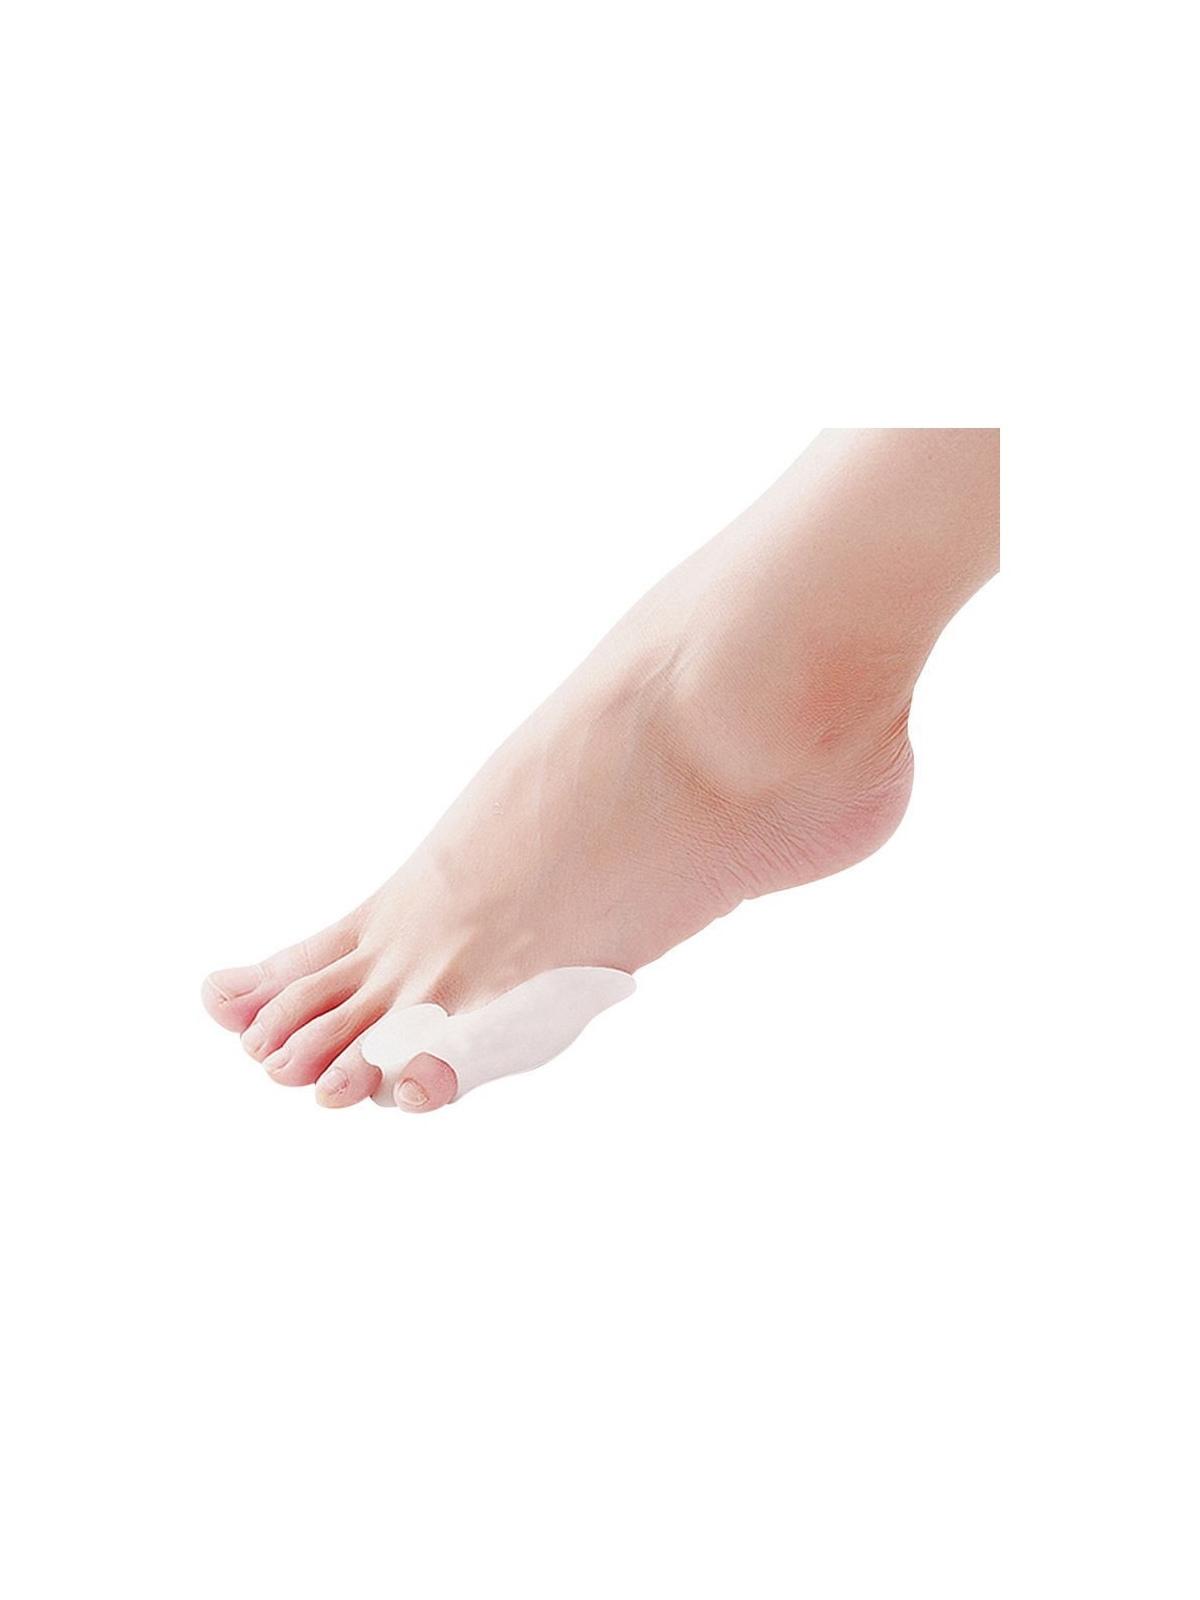 Dupligel 5º dedo (separador + protecetor 5º dedo) Herbi Feet